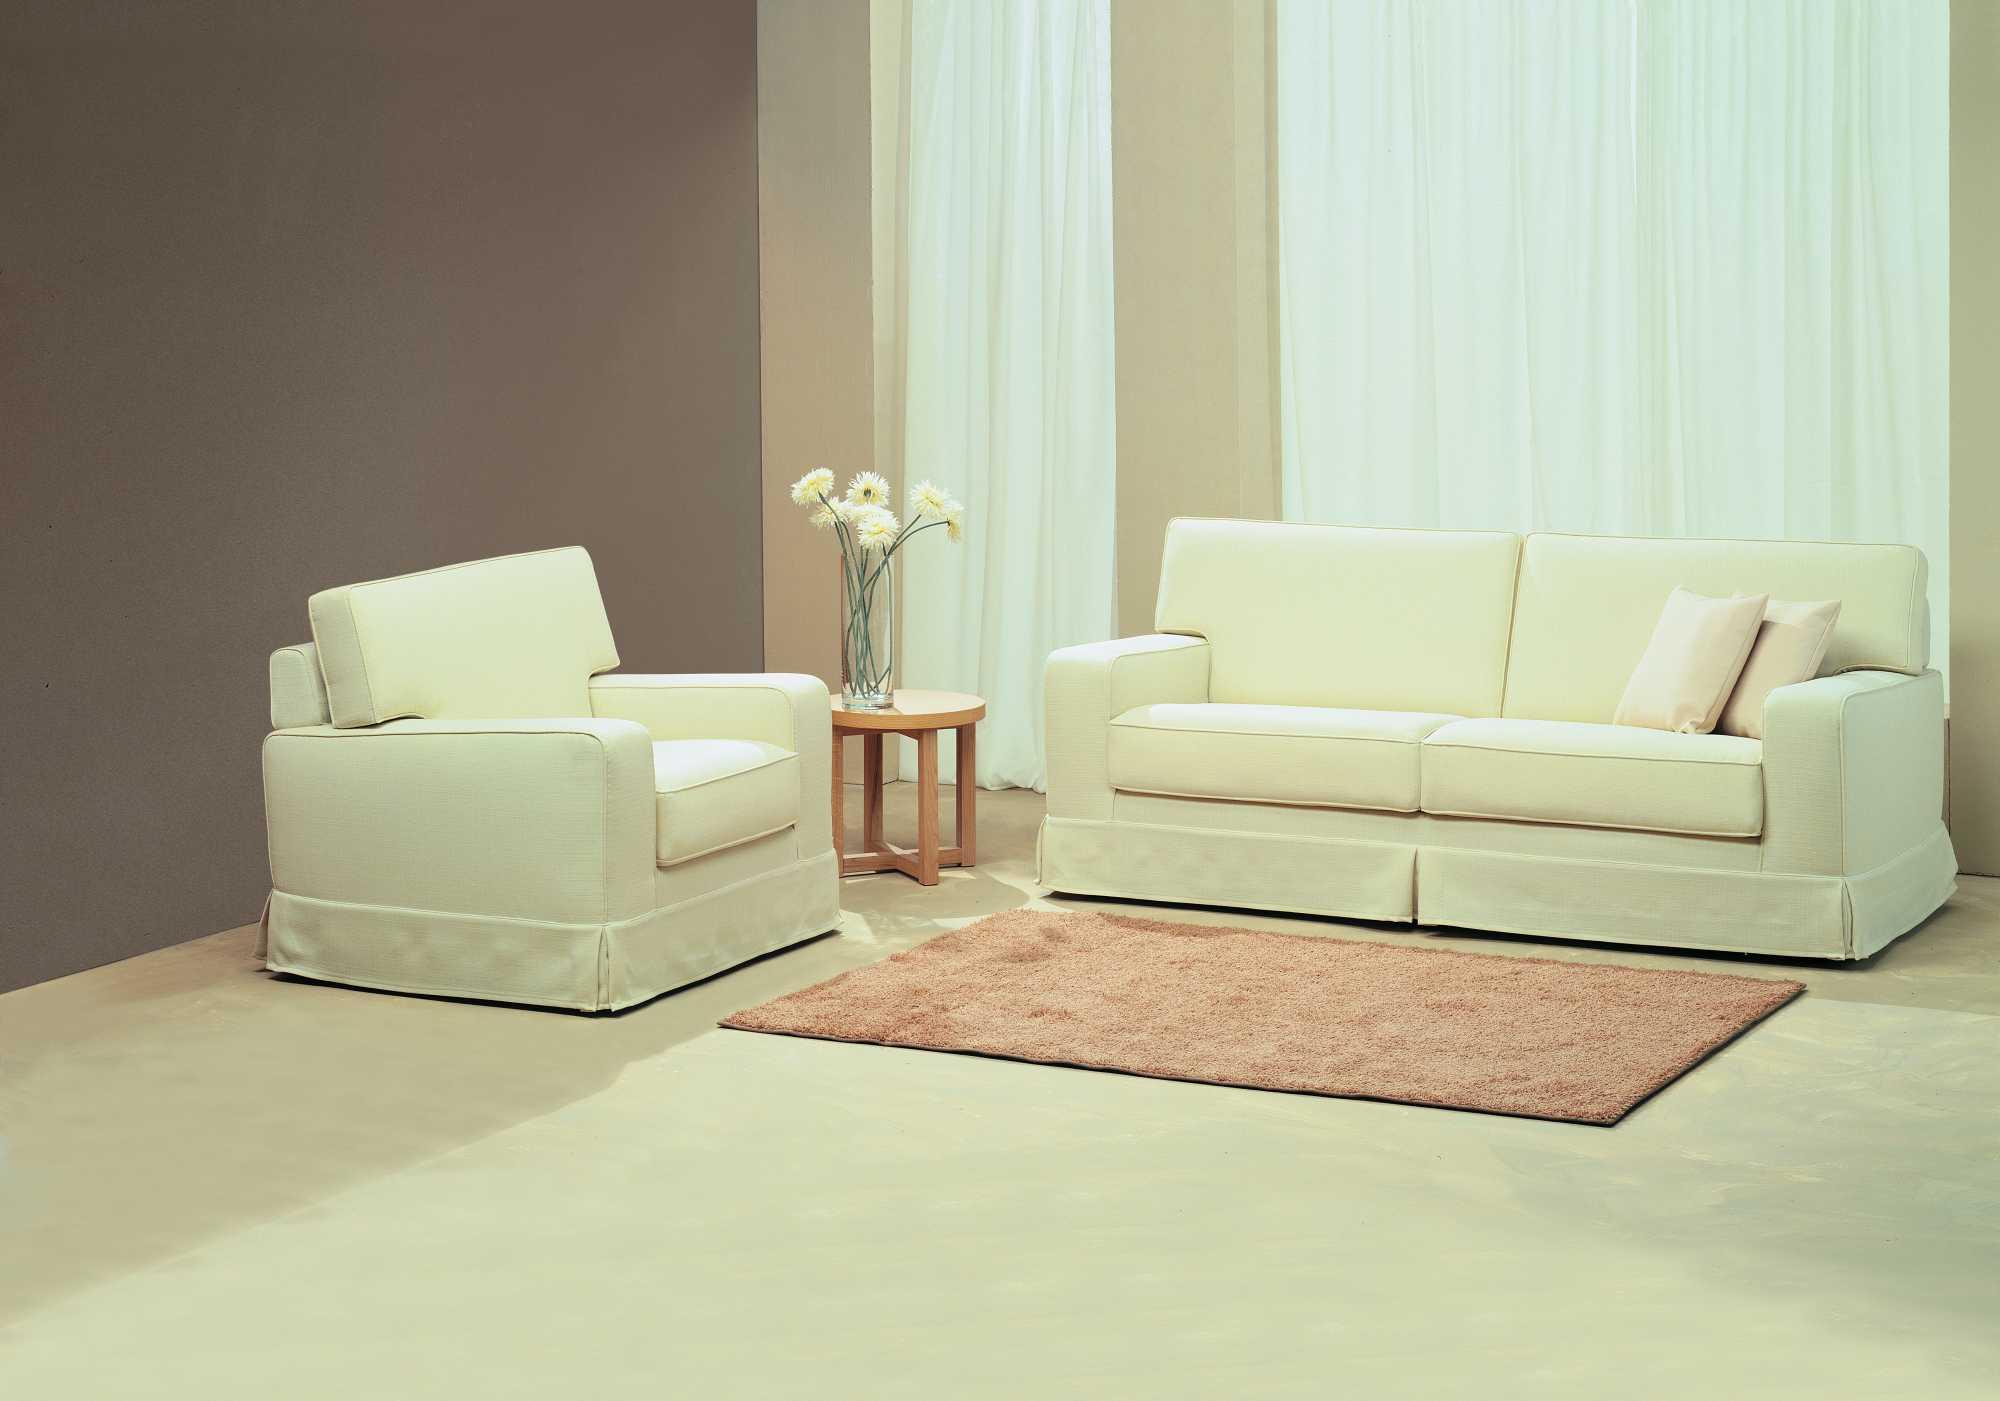 Valzer divani letto trasformabili collezione classici - Divani letto classici ...